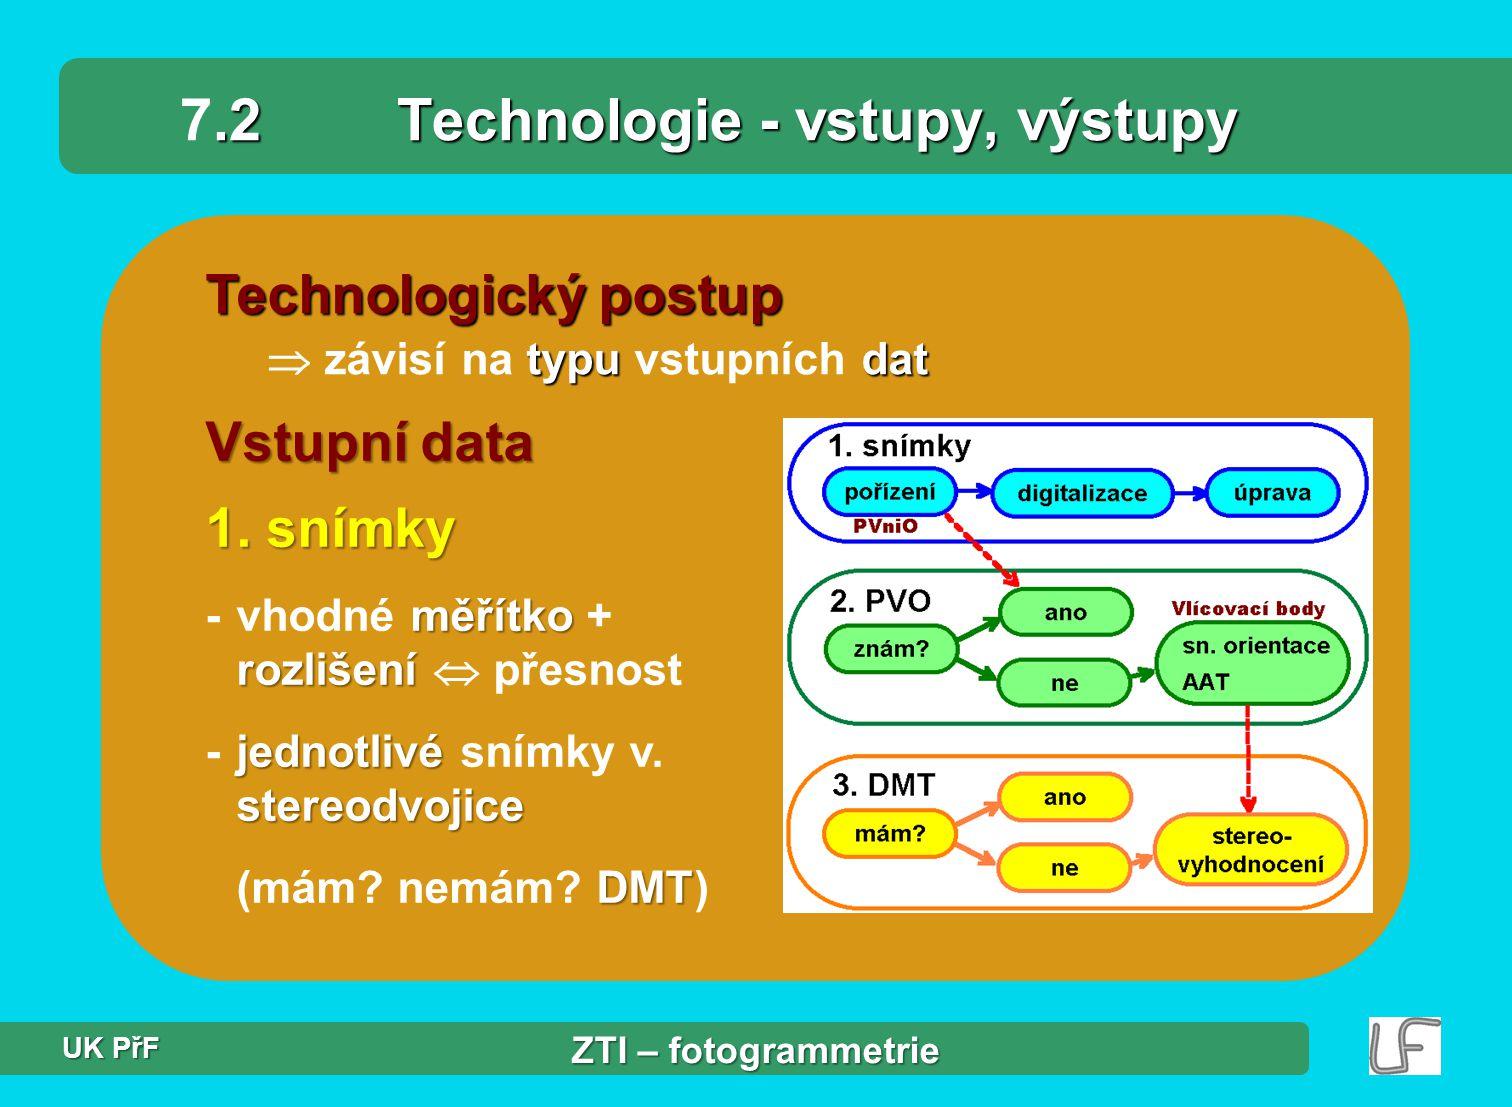 Technologický postup typudat Technologický postup  závisí na typu vstupních dat.2Technologie - vstupy, výstupy 7.2Technologie - vstupy, výstupy Vstupní data 1.